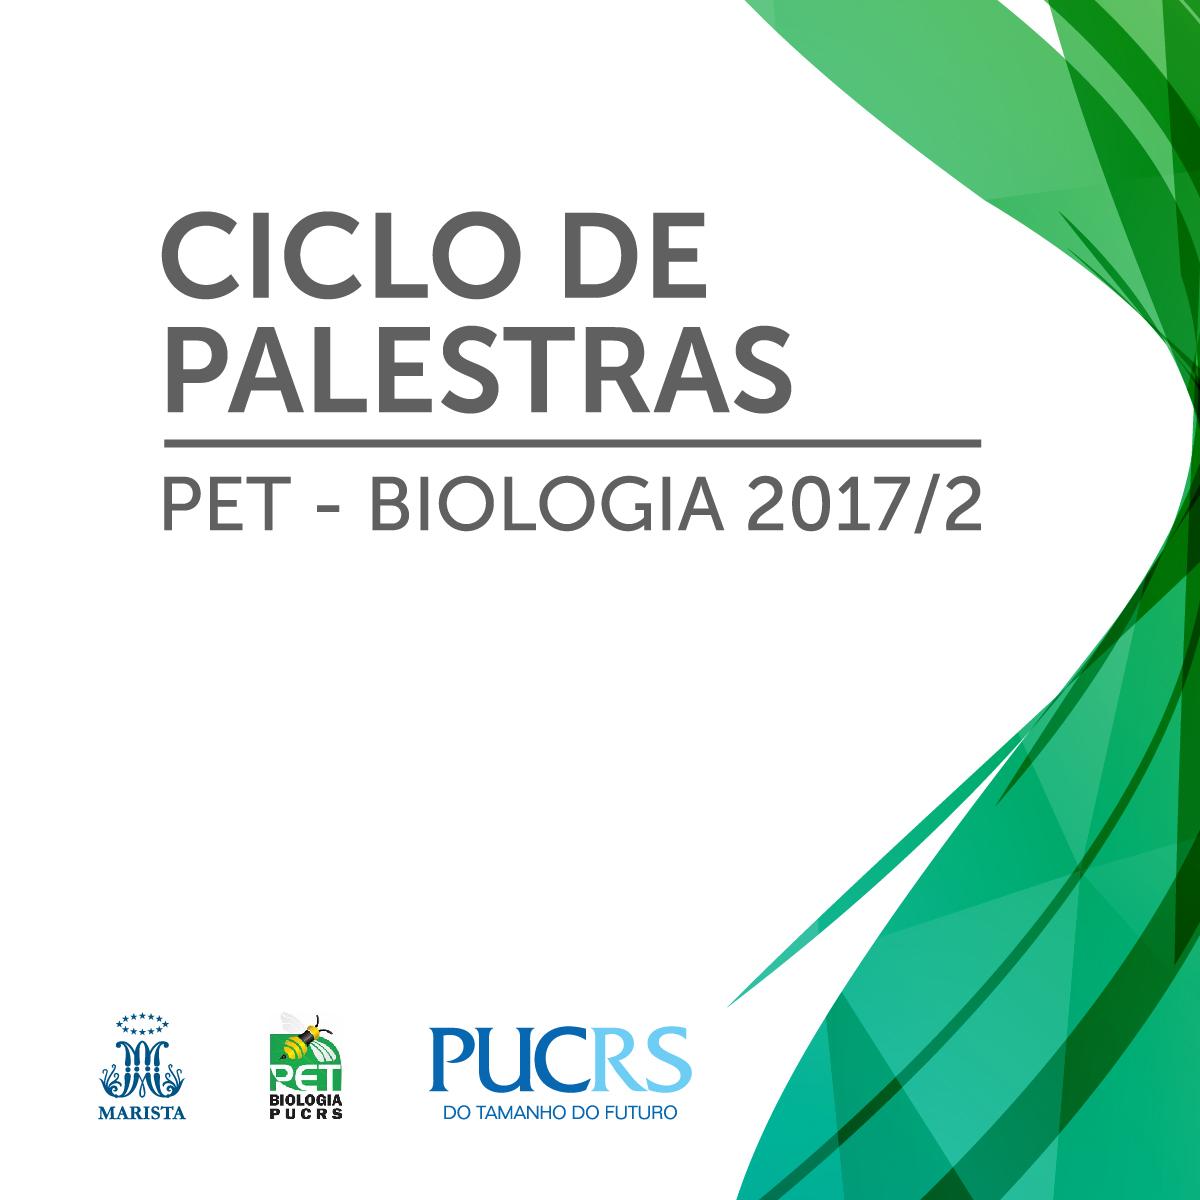 2º Ciclo de Palestras PET Biologia PUCRS